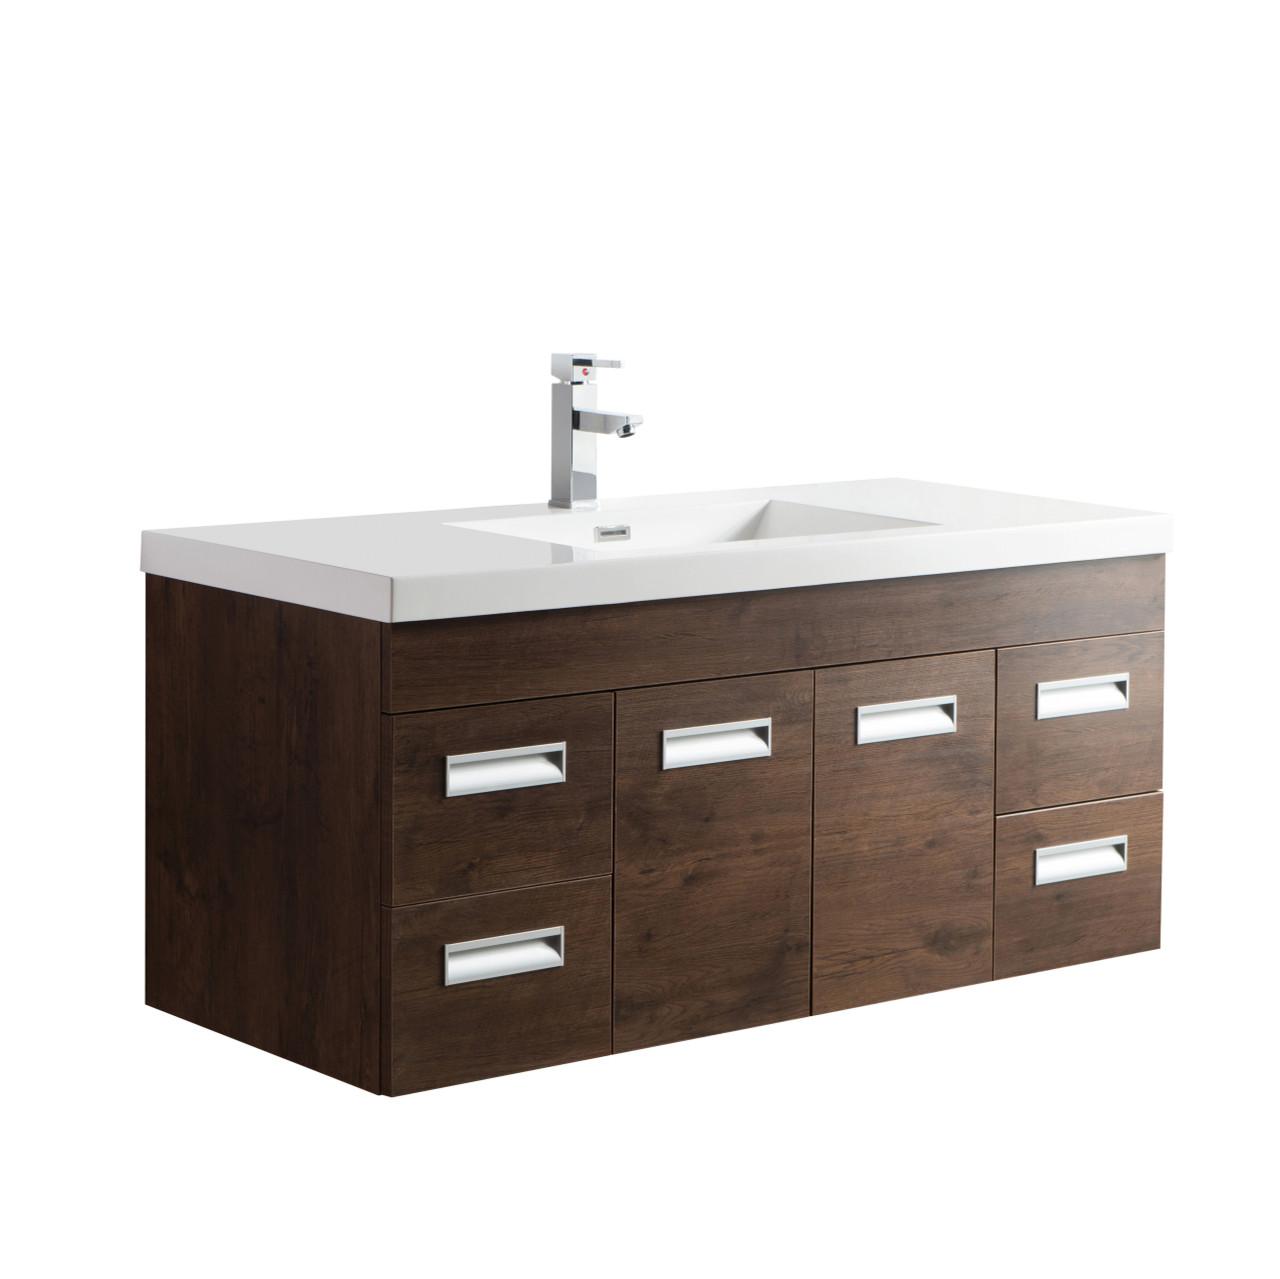 Alma 48 Rosewood Wall Hung Modern Bathroom Vanity Bathroom Vanities Wholesale Inc